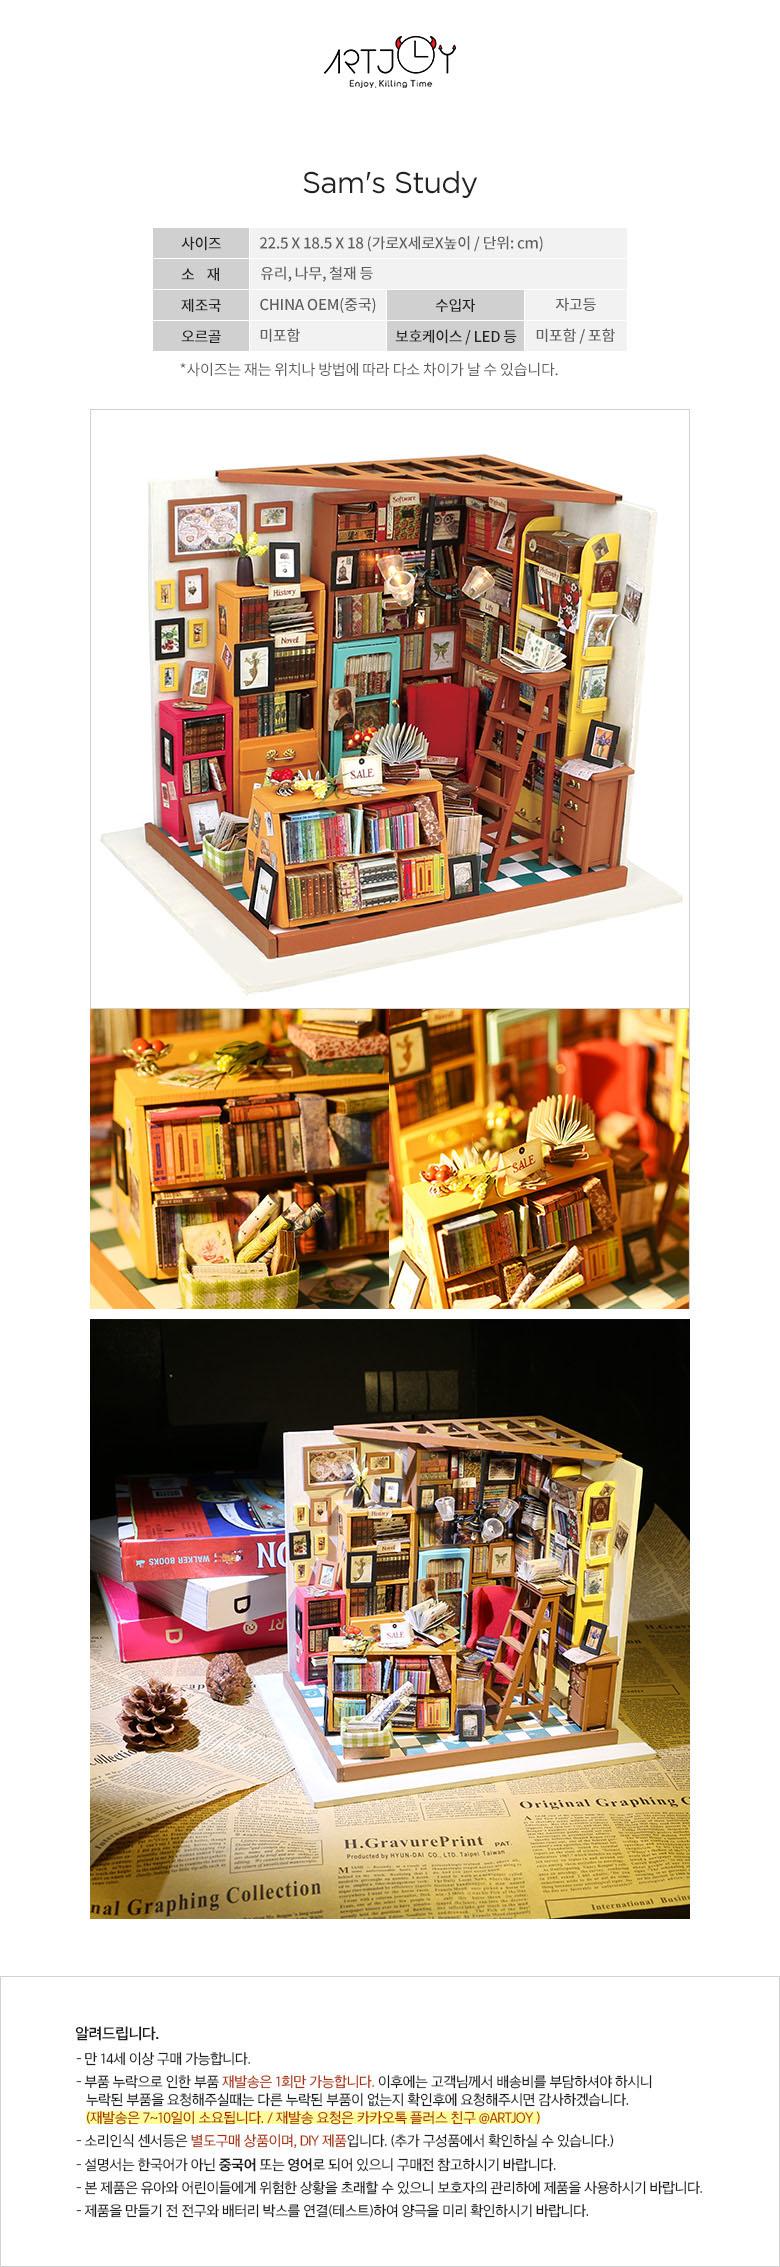 아트조이 DIY 미니어처하우스 Sams Study - 아트조이, 27,500원, 미니어처 DIY, 미니어처 만들기 패키지